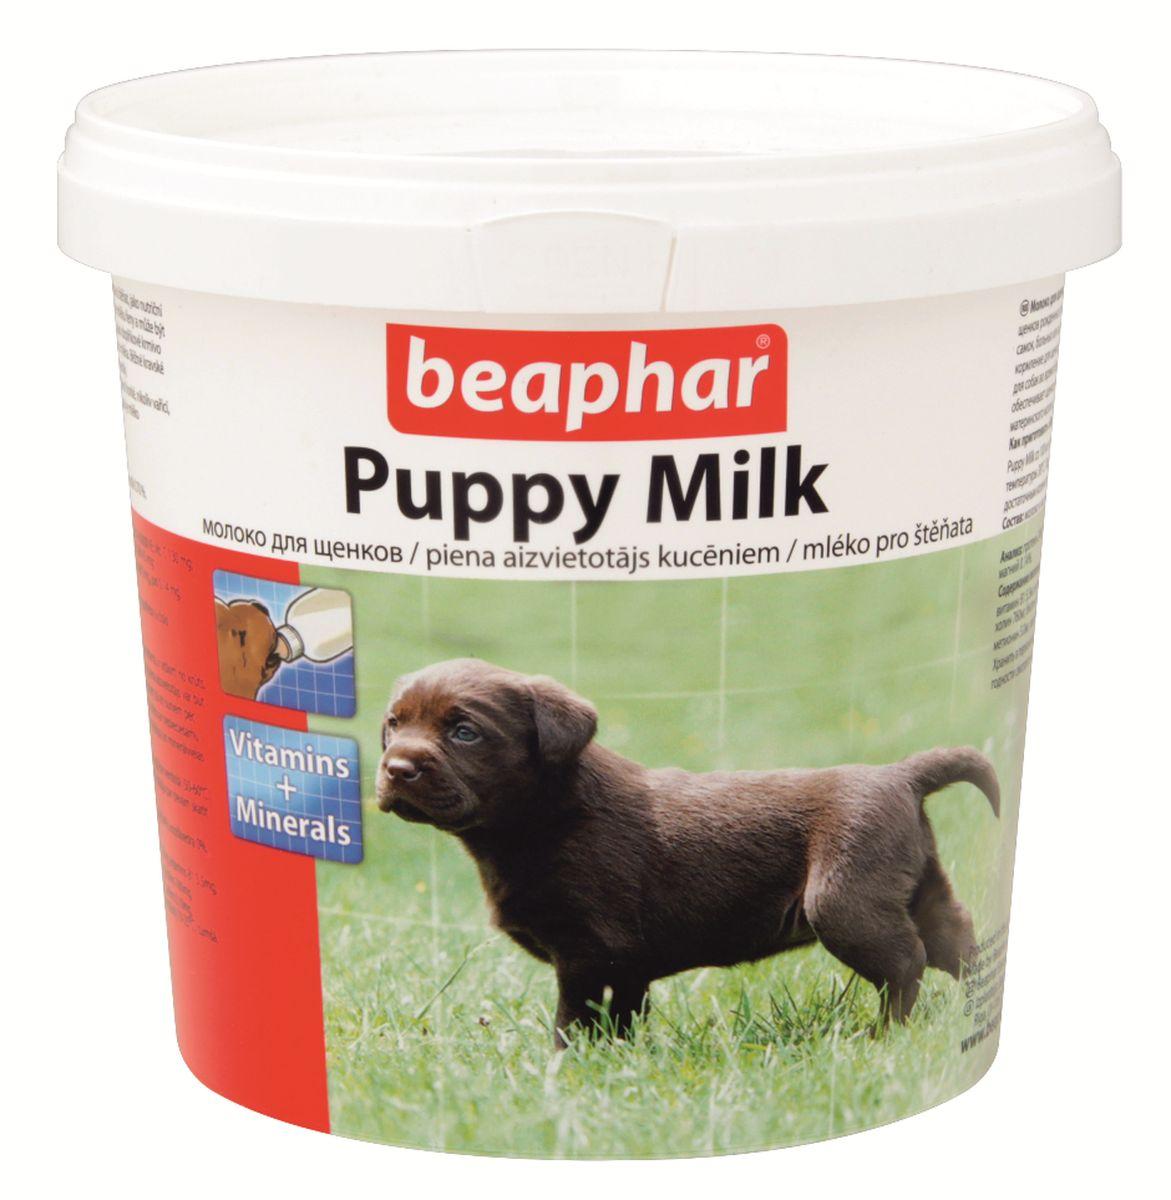 Молочная смесь Beaphar Puppy Milk, для щенков, 500 г0120710Молоко для щенков Beaphar Puppy Milk сделано из легко усваиваемой сыворотки и очень близко по составу и вкусу к натуральному молоку самки. Молочная смесь Beaphar Puppy Milk - это полноценная замена материнского молока для осиротевших, брошенных или потерявшихся щенков, щенков рожденных в многочисленном помете, при отъеме от груди и как дополнительное кормлении для беременных и кормящих самок, больных или выздоравливающих взрослых животных. Смесь может быть использована как основное кормление для щенков с рождения до 35 дней.Увеличивает выработку натурального молока. Содержит все необходимые белки, жиры, витамины и минералы в оптимальном соотношении. Состав: молоко и молочные продукты, масла и жиры, минеральные вещества. Анализ: протеин 24%; клетчатка 0%; жиры 24%, зола 7%; влага 3,5 %; кальций 0,90%, фосфор 0,60%, натрий 0,70%, магний 0,14%, калий 1,30%. Содержание витаминов и минеральных веществ в 1 кг: витамин A 50000 МЕ, витамин D3 2000 МЕ, витамин С 130 МЕ, витамин Е 100 мг, витамин B1 5,5 мг, витамин B2 20,0 мг, Д-пантотенат кальция 25,0 мг, никотинамид 25,5 мг, витамин B6 4,5 мг, витамин B12 0,05 мг, холин 760 мг, биотин 0,05 мг, витамин К3 3 мг, фолат 84 мг, железо 80 мг, цинк 40 мг, марганец 20 мг, медь 5 мг, йод 0,14 мг, селен 0,10 мг, метионин 5,0 мг, лизин 16,0 мг, антиоксиданты, эмульгаторы.Вес упаковки: 500 г.Товар сертифицирован.